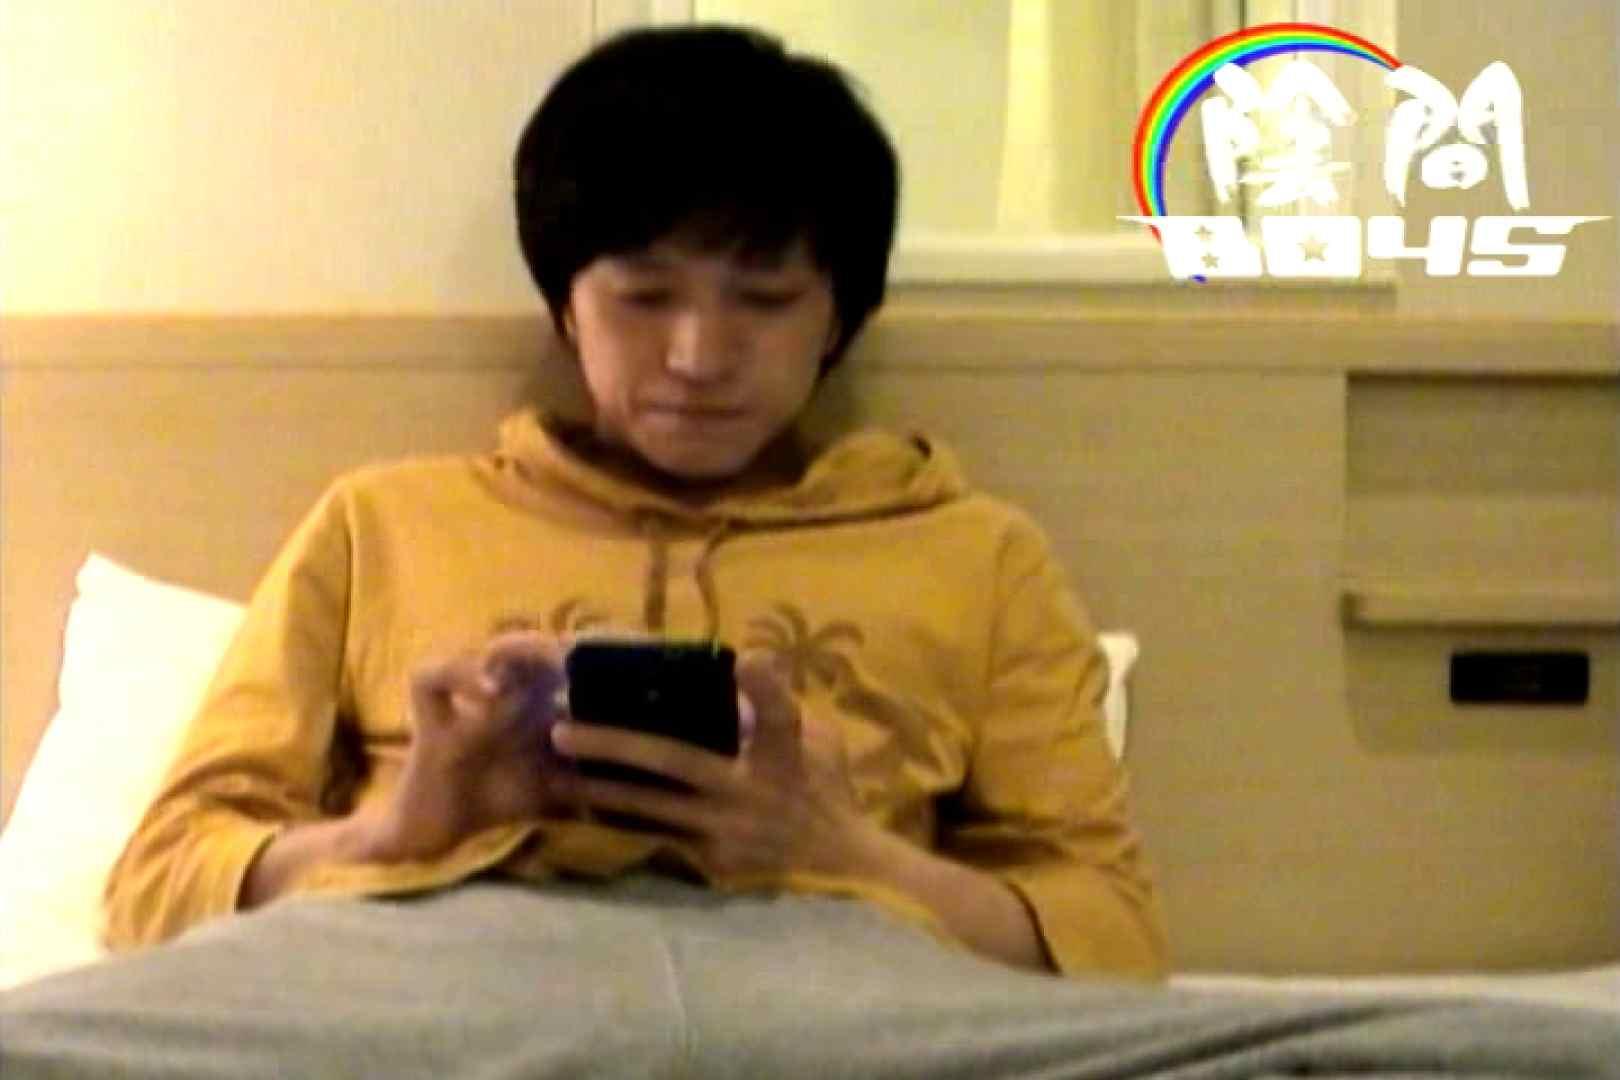 陰間BOYS~My holiday~01 ゲイのオナニー映像  84枚 58